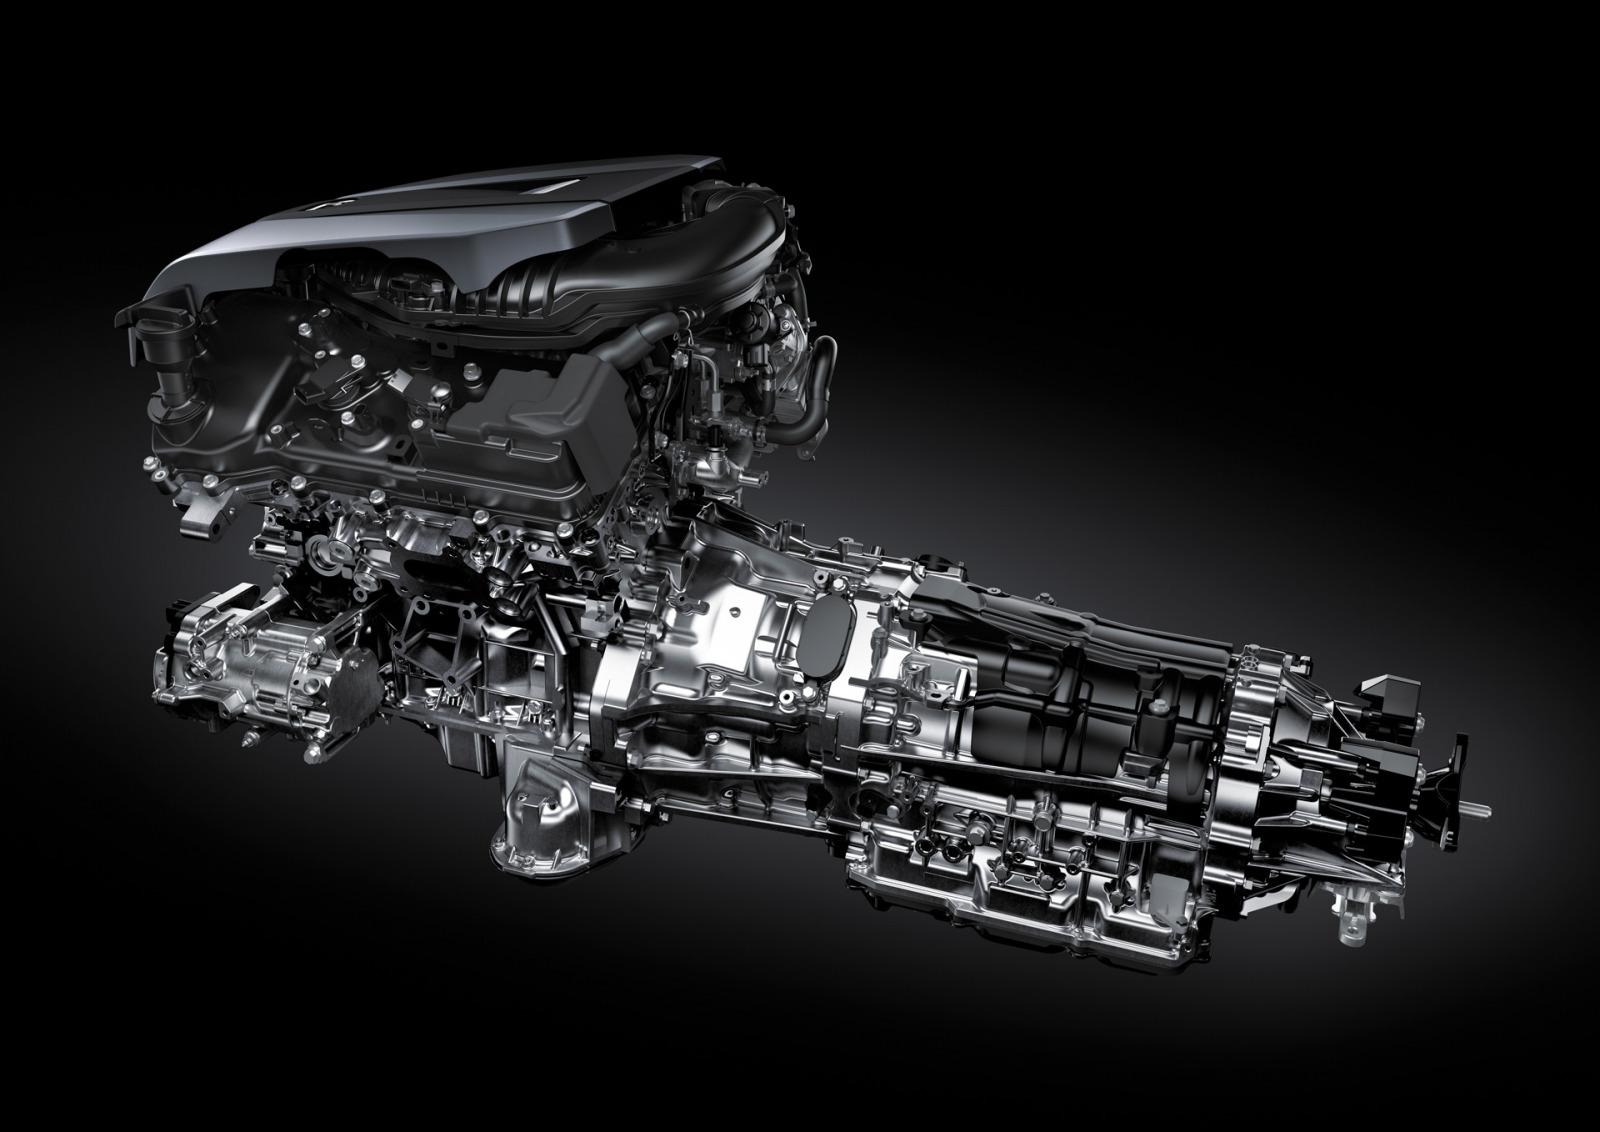 「レクサスLSがビッグマイナーチェンジ。乗り心地や静粛性の向上など、快適性をさらにアップ【新車】」の4枚目の画像